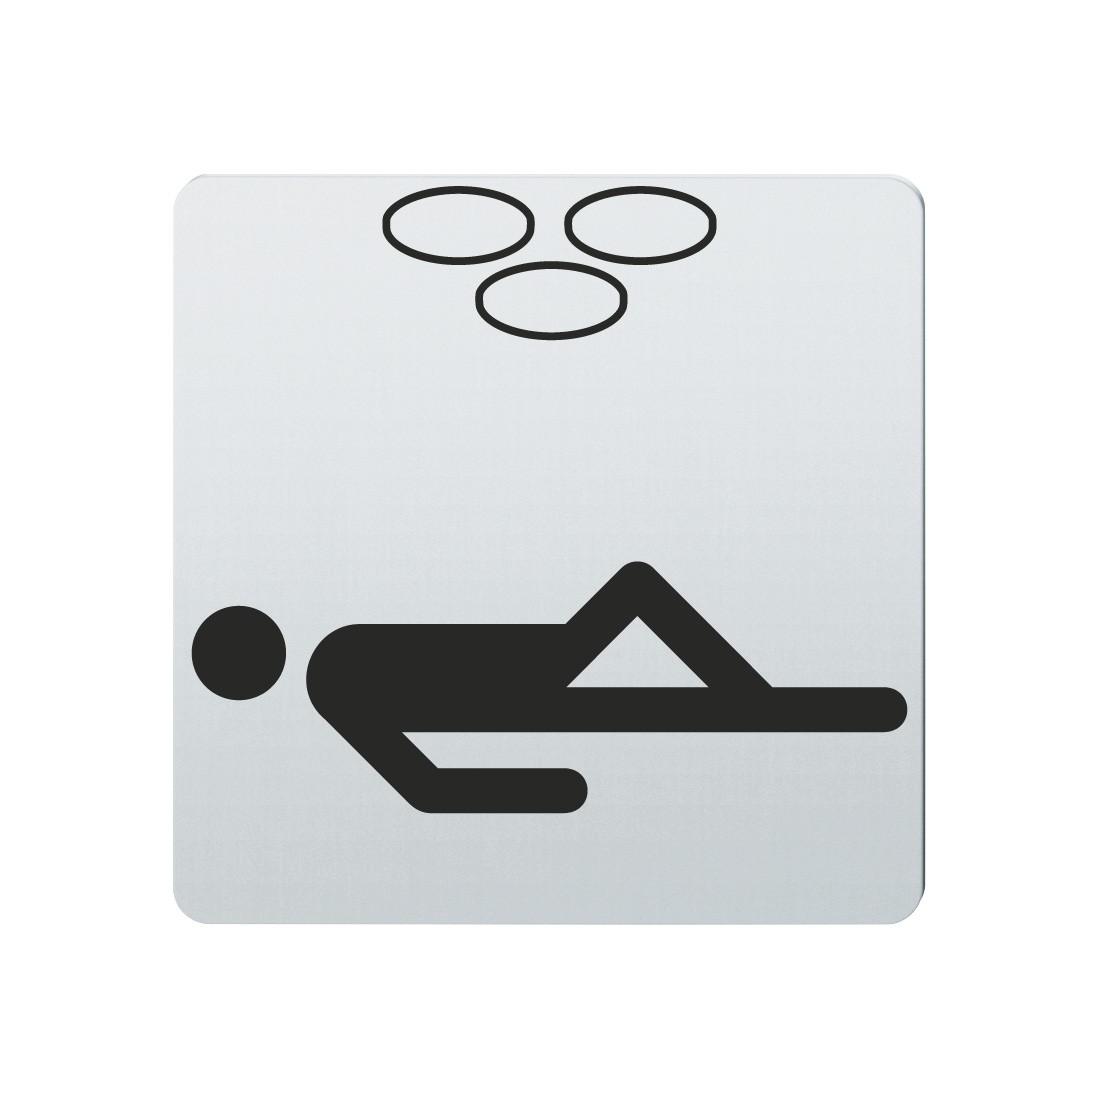 FSB Hinweiszeichen Solarium Lasergraviert Edelstahl fein matt (0 36 4059 00152 6204)